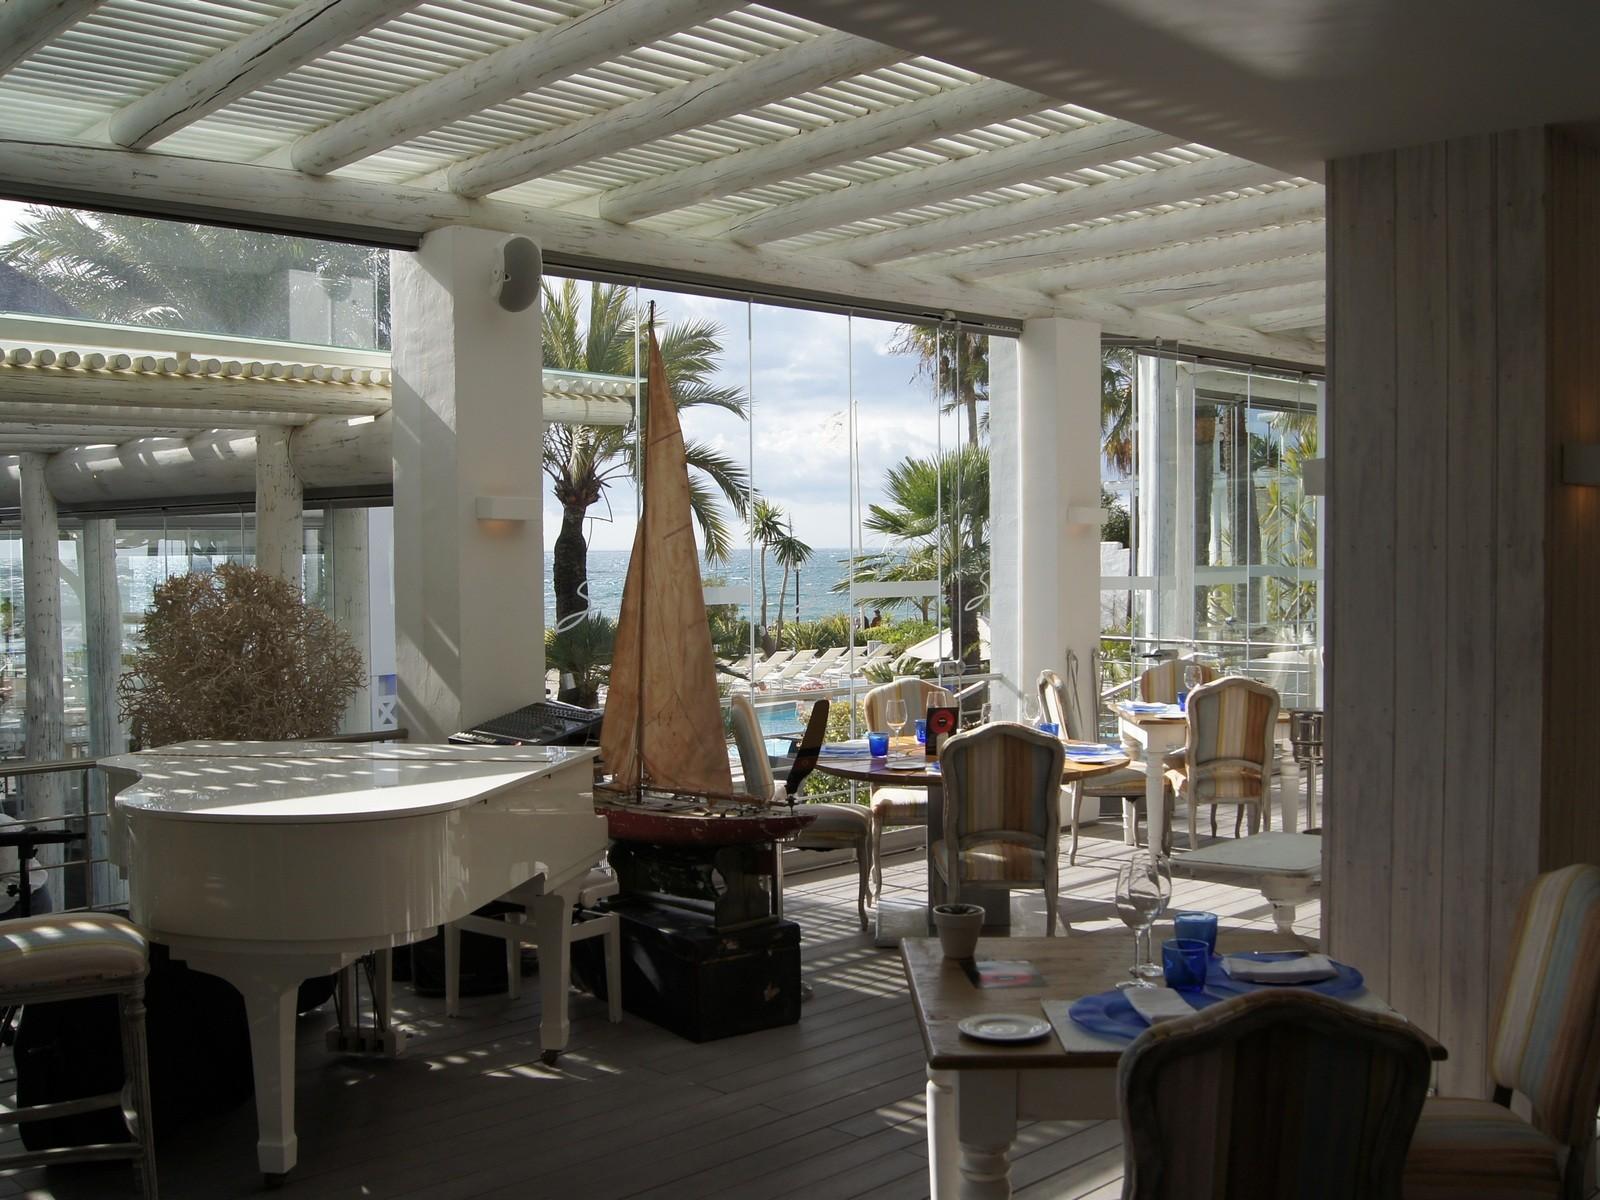 Restaurante sea grill fant stica experiencia gastron mica - Sea grill marbella ...